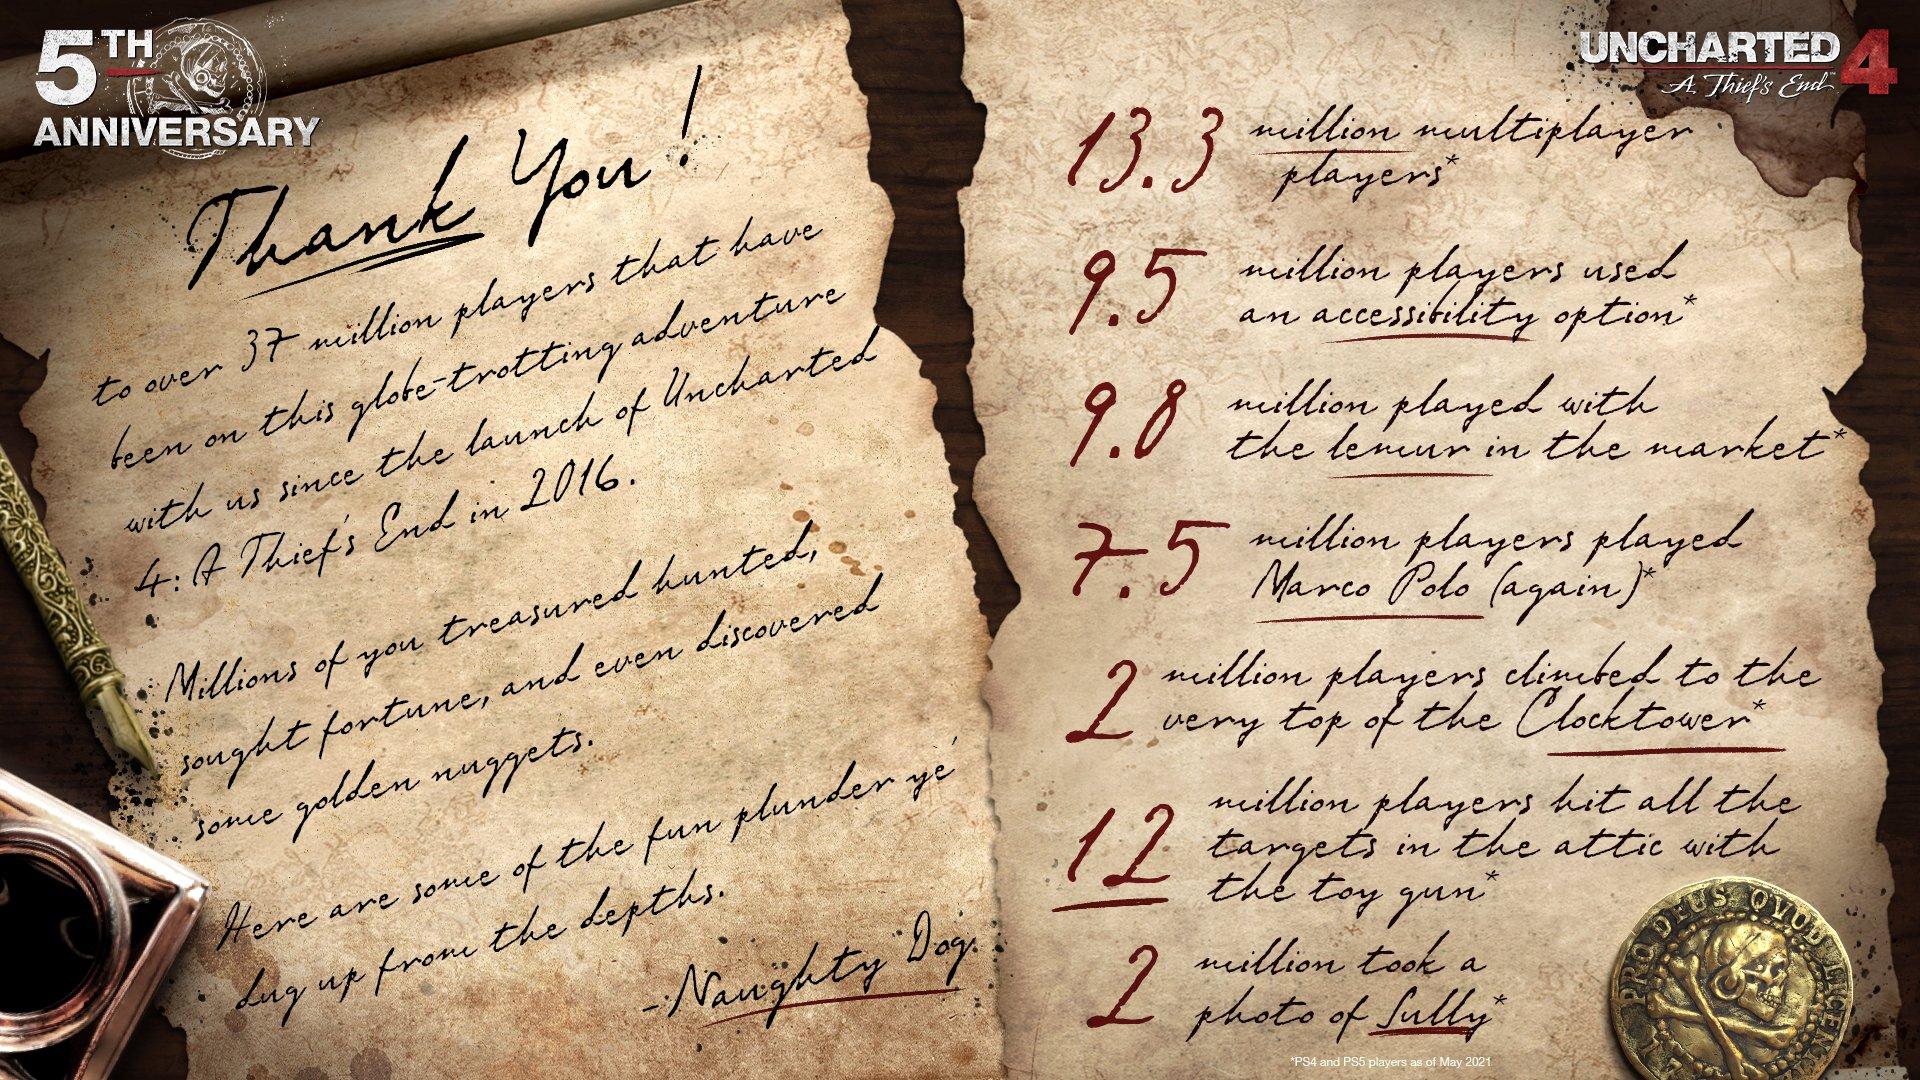 《神秘海域4》发售五周年 超3700万玩家下载玩过这款游戏